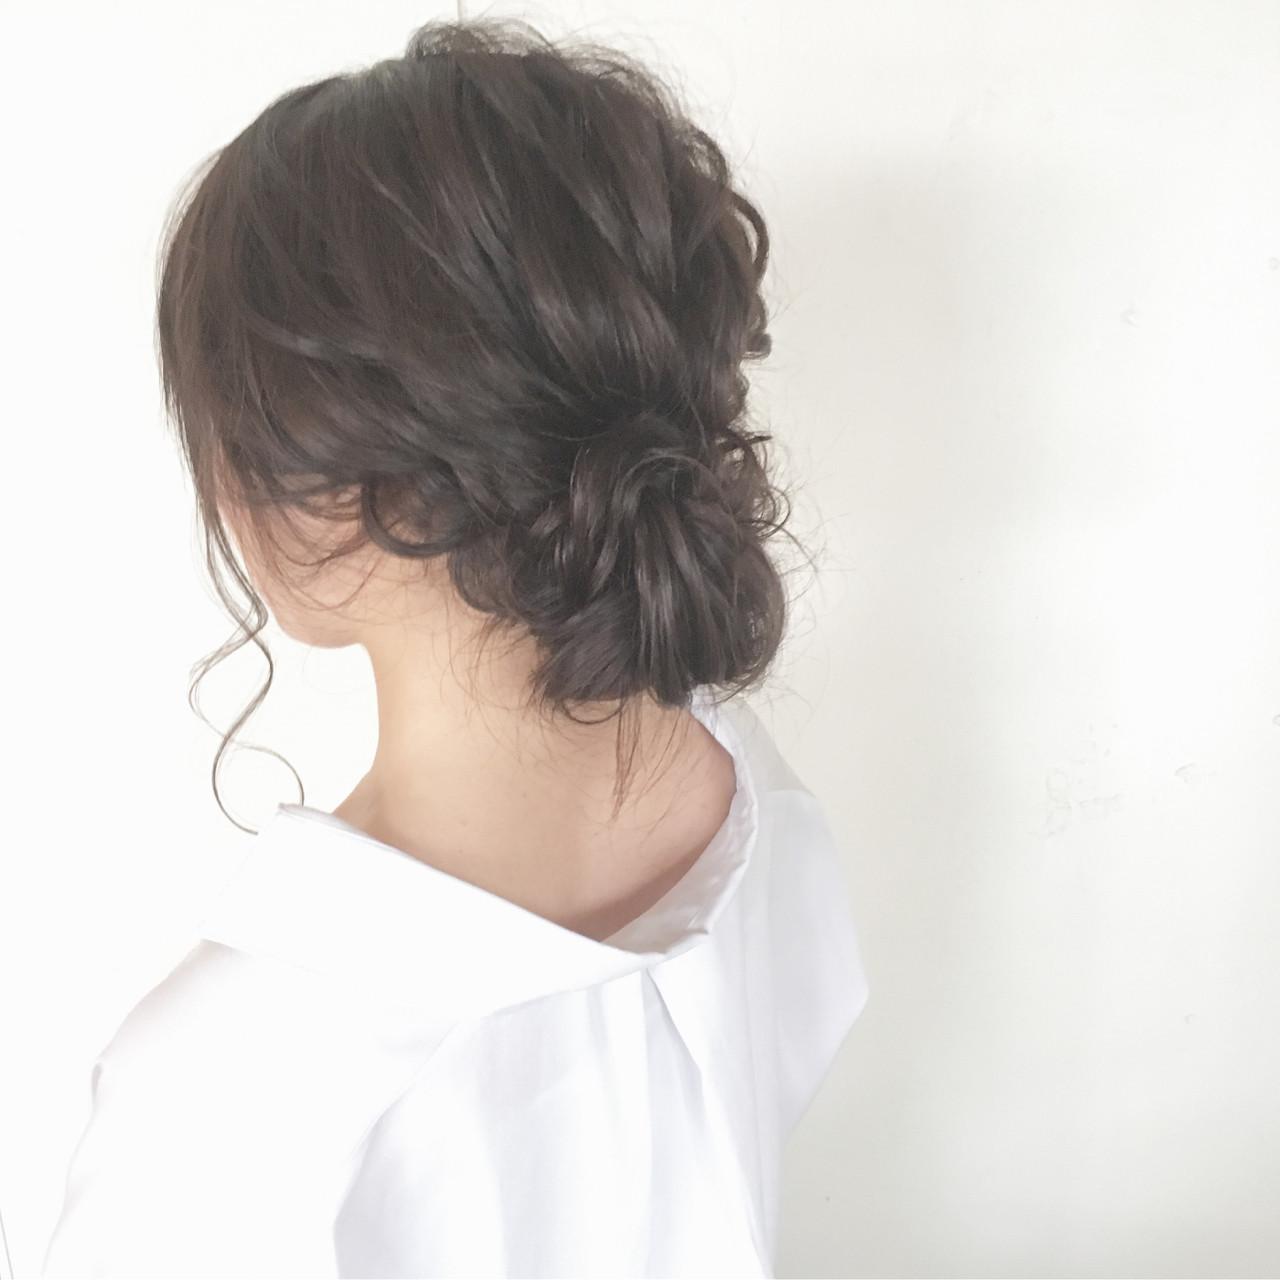 ナチュラル シニヨン 大人かわいい ヘアアレンジ ヘアスタイルや髪型の写真・画像